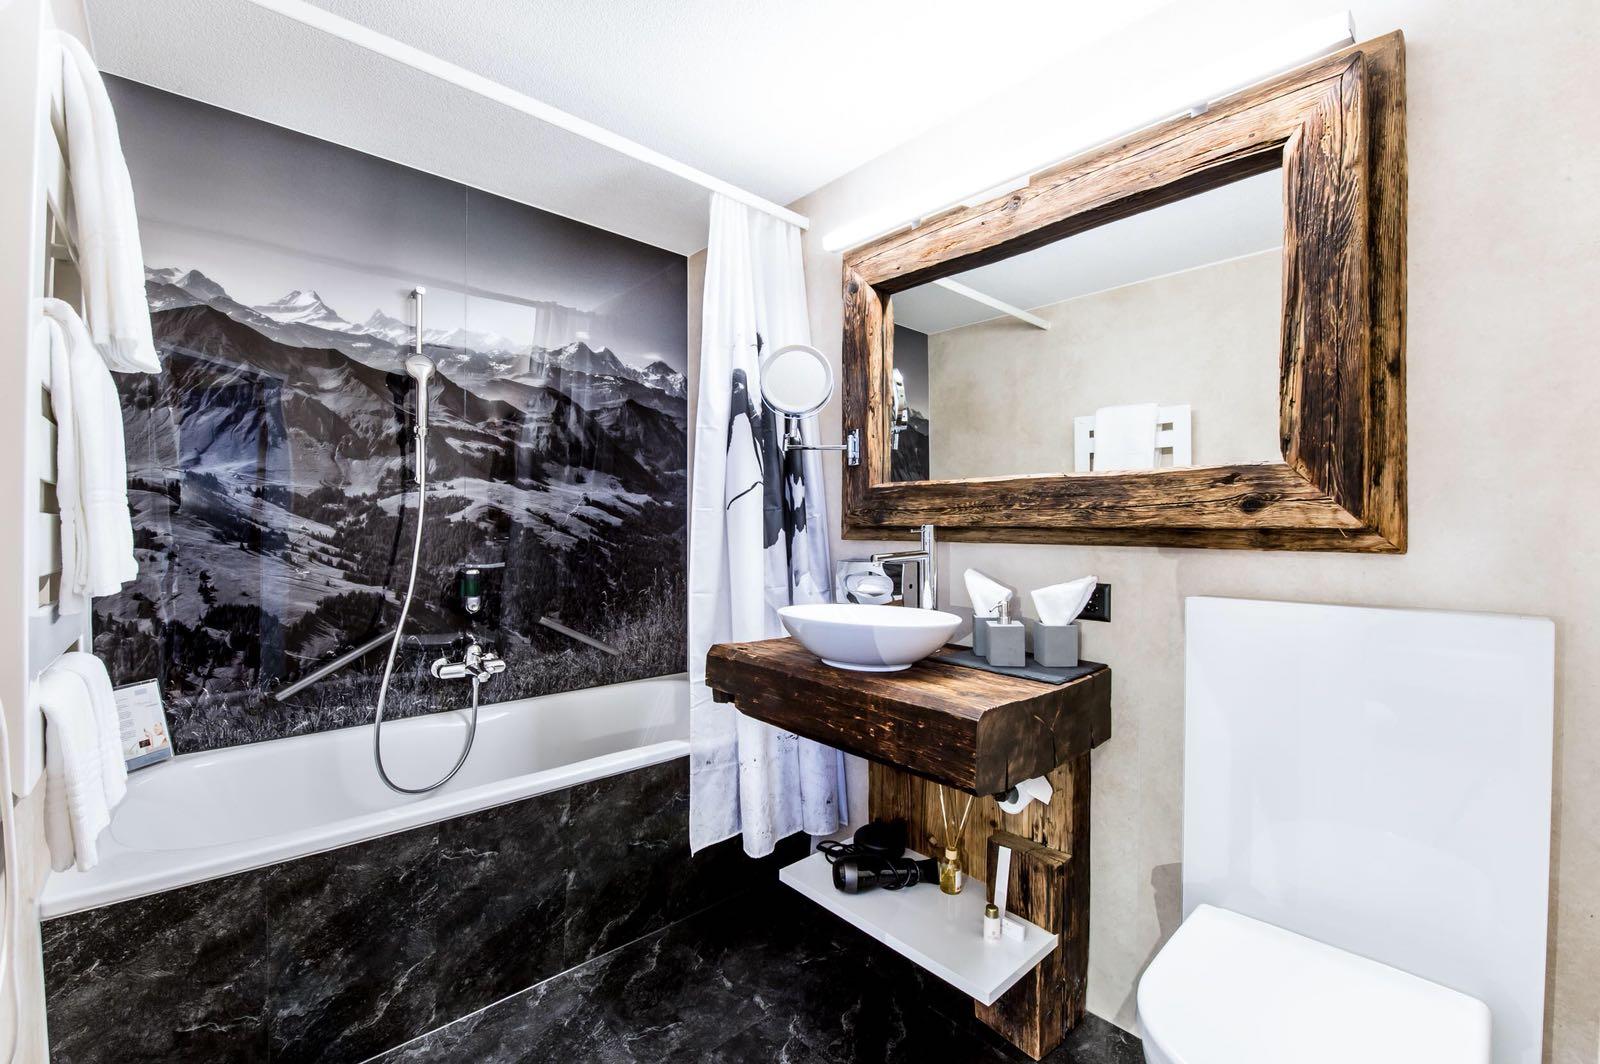 produkte dienstleistungen kunstharz belegt rustikal kunz martin schreinerei gmbh. Black Bedroom Furniture Sets. Home Design Ideas